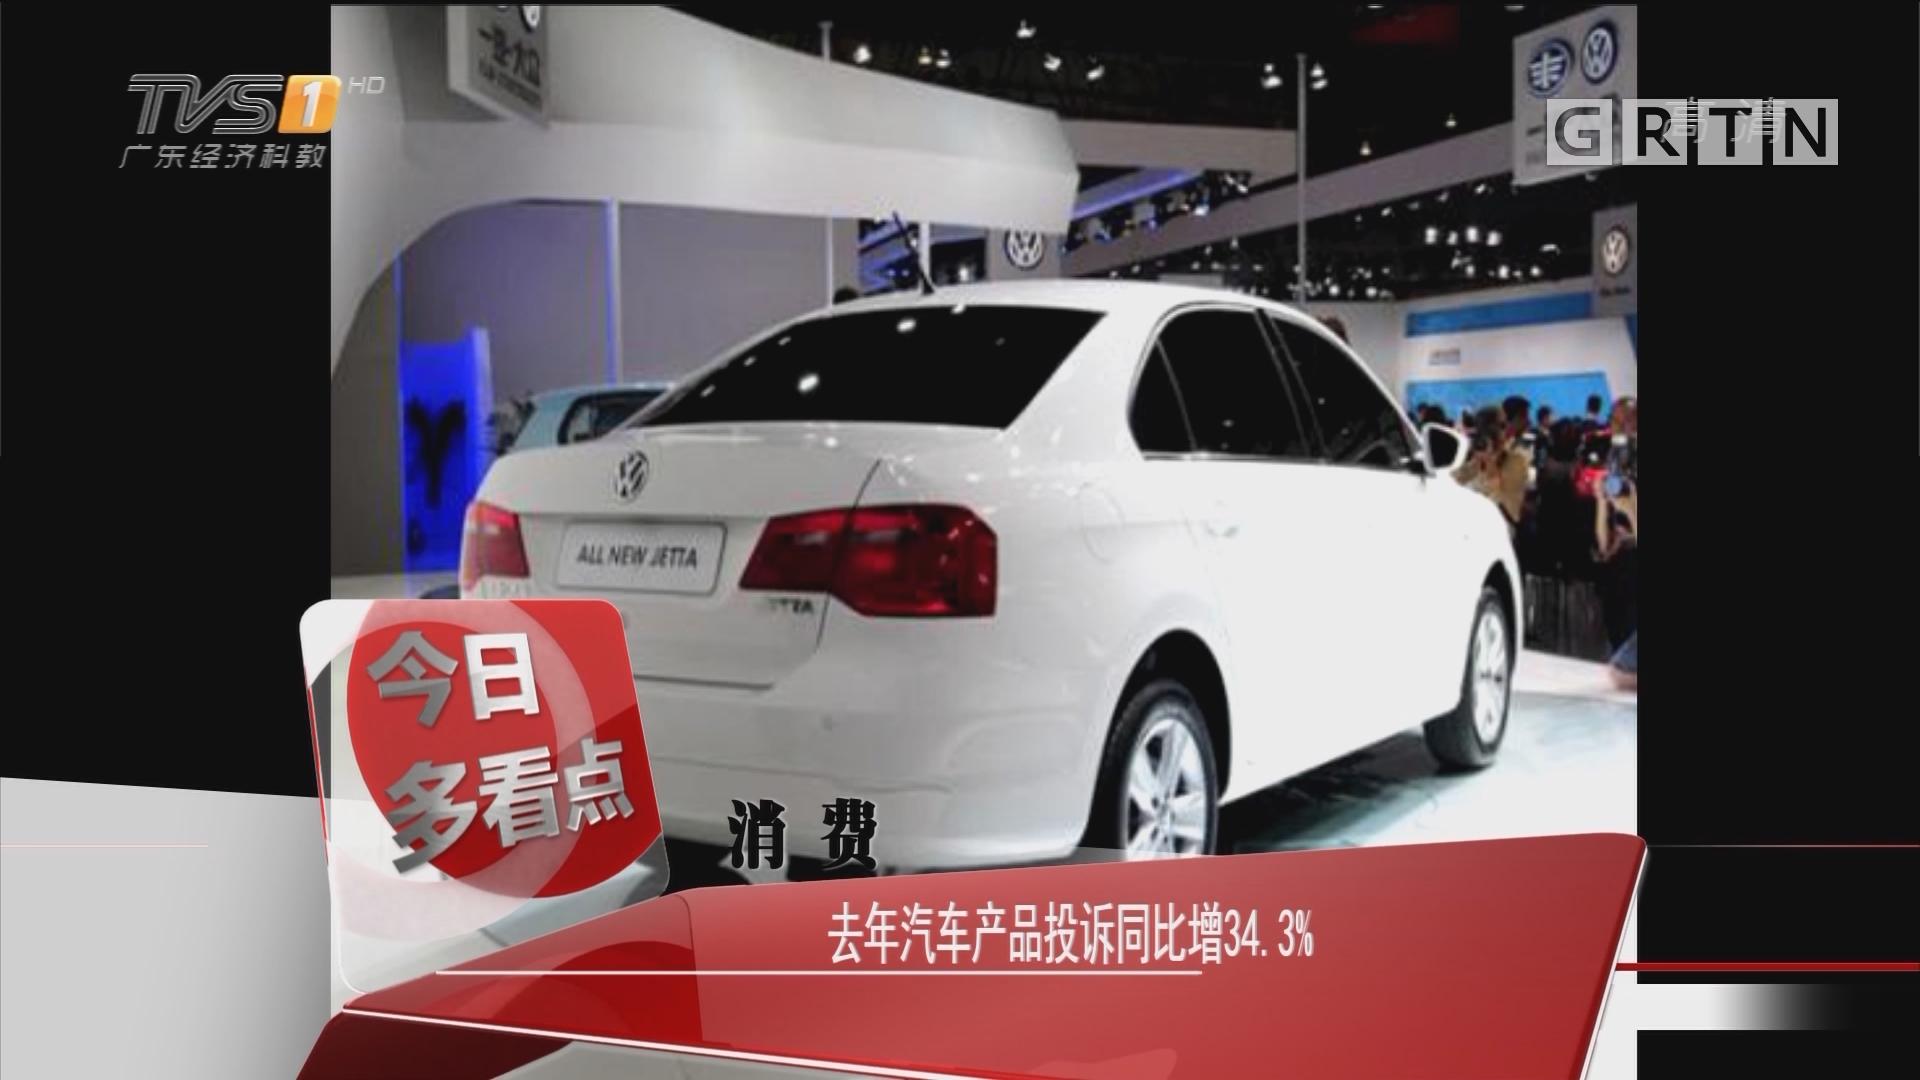 消费:去年汽车产品投诉同比增34.3%